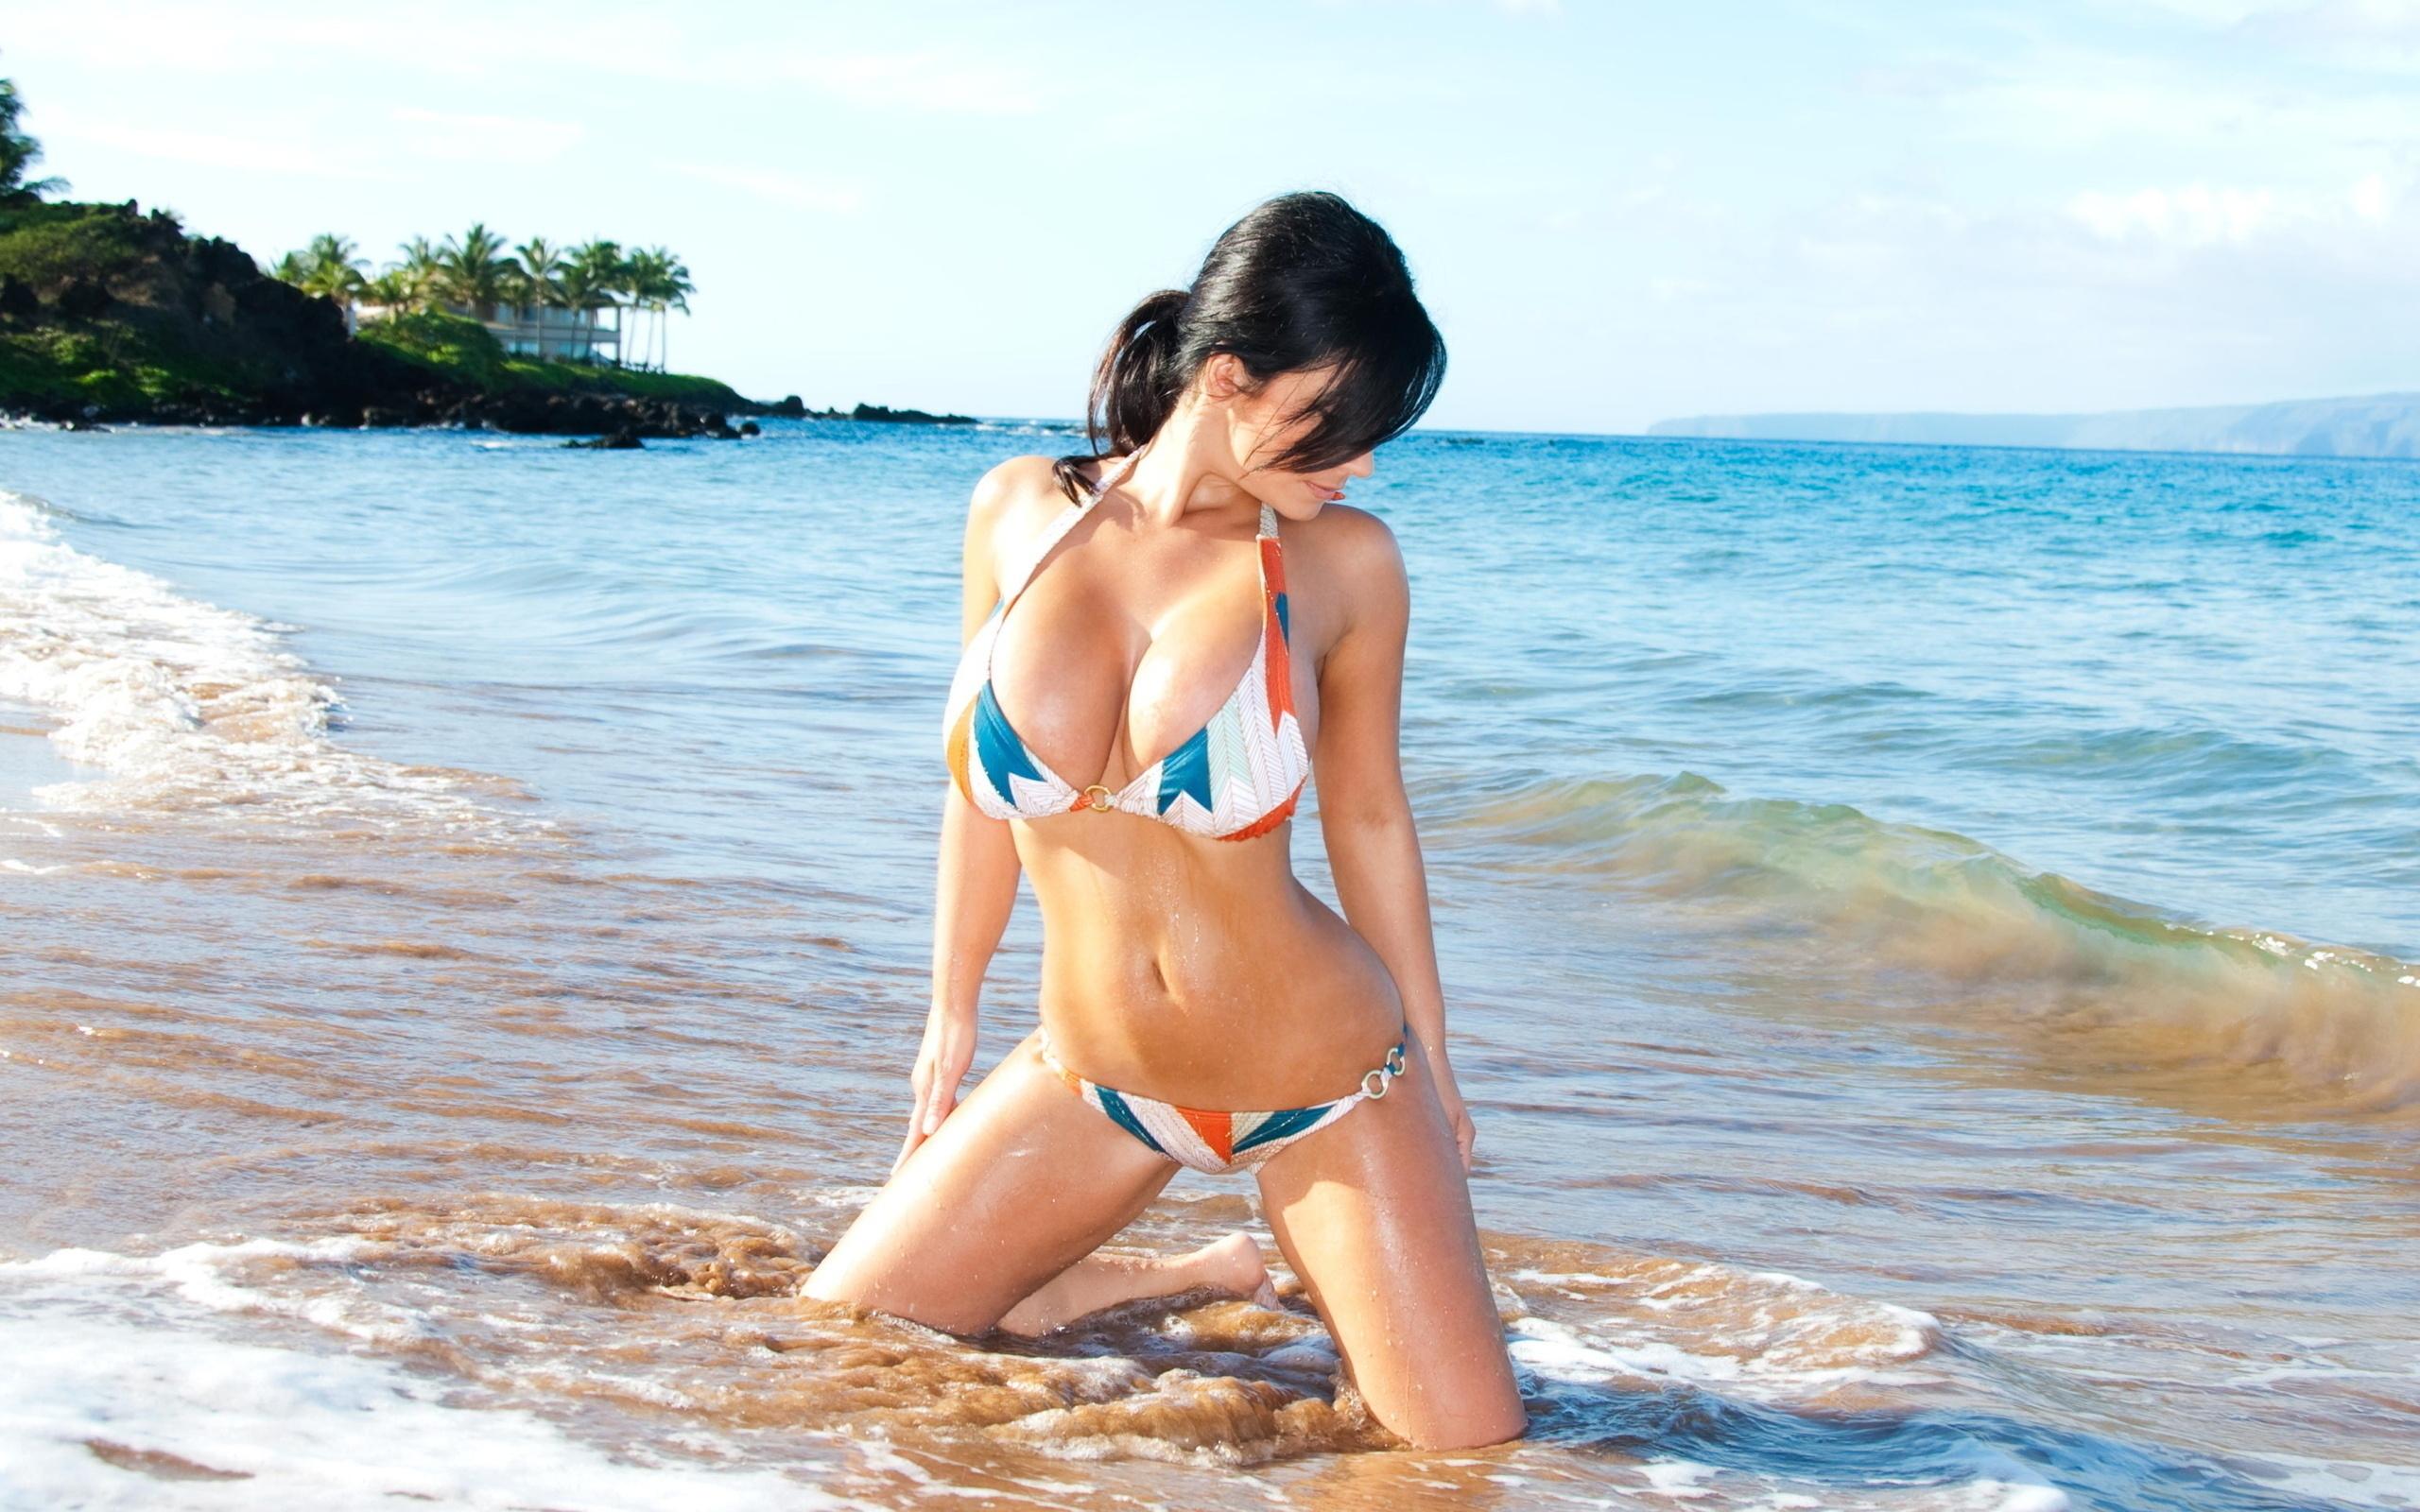 любительское фото девушек на море секс